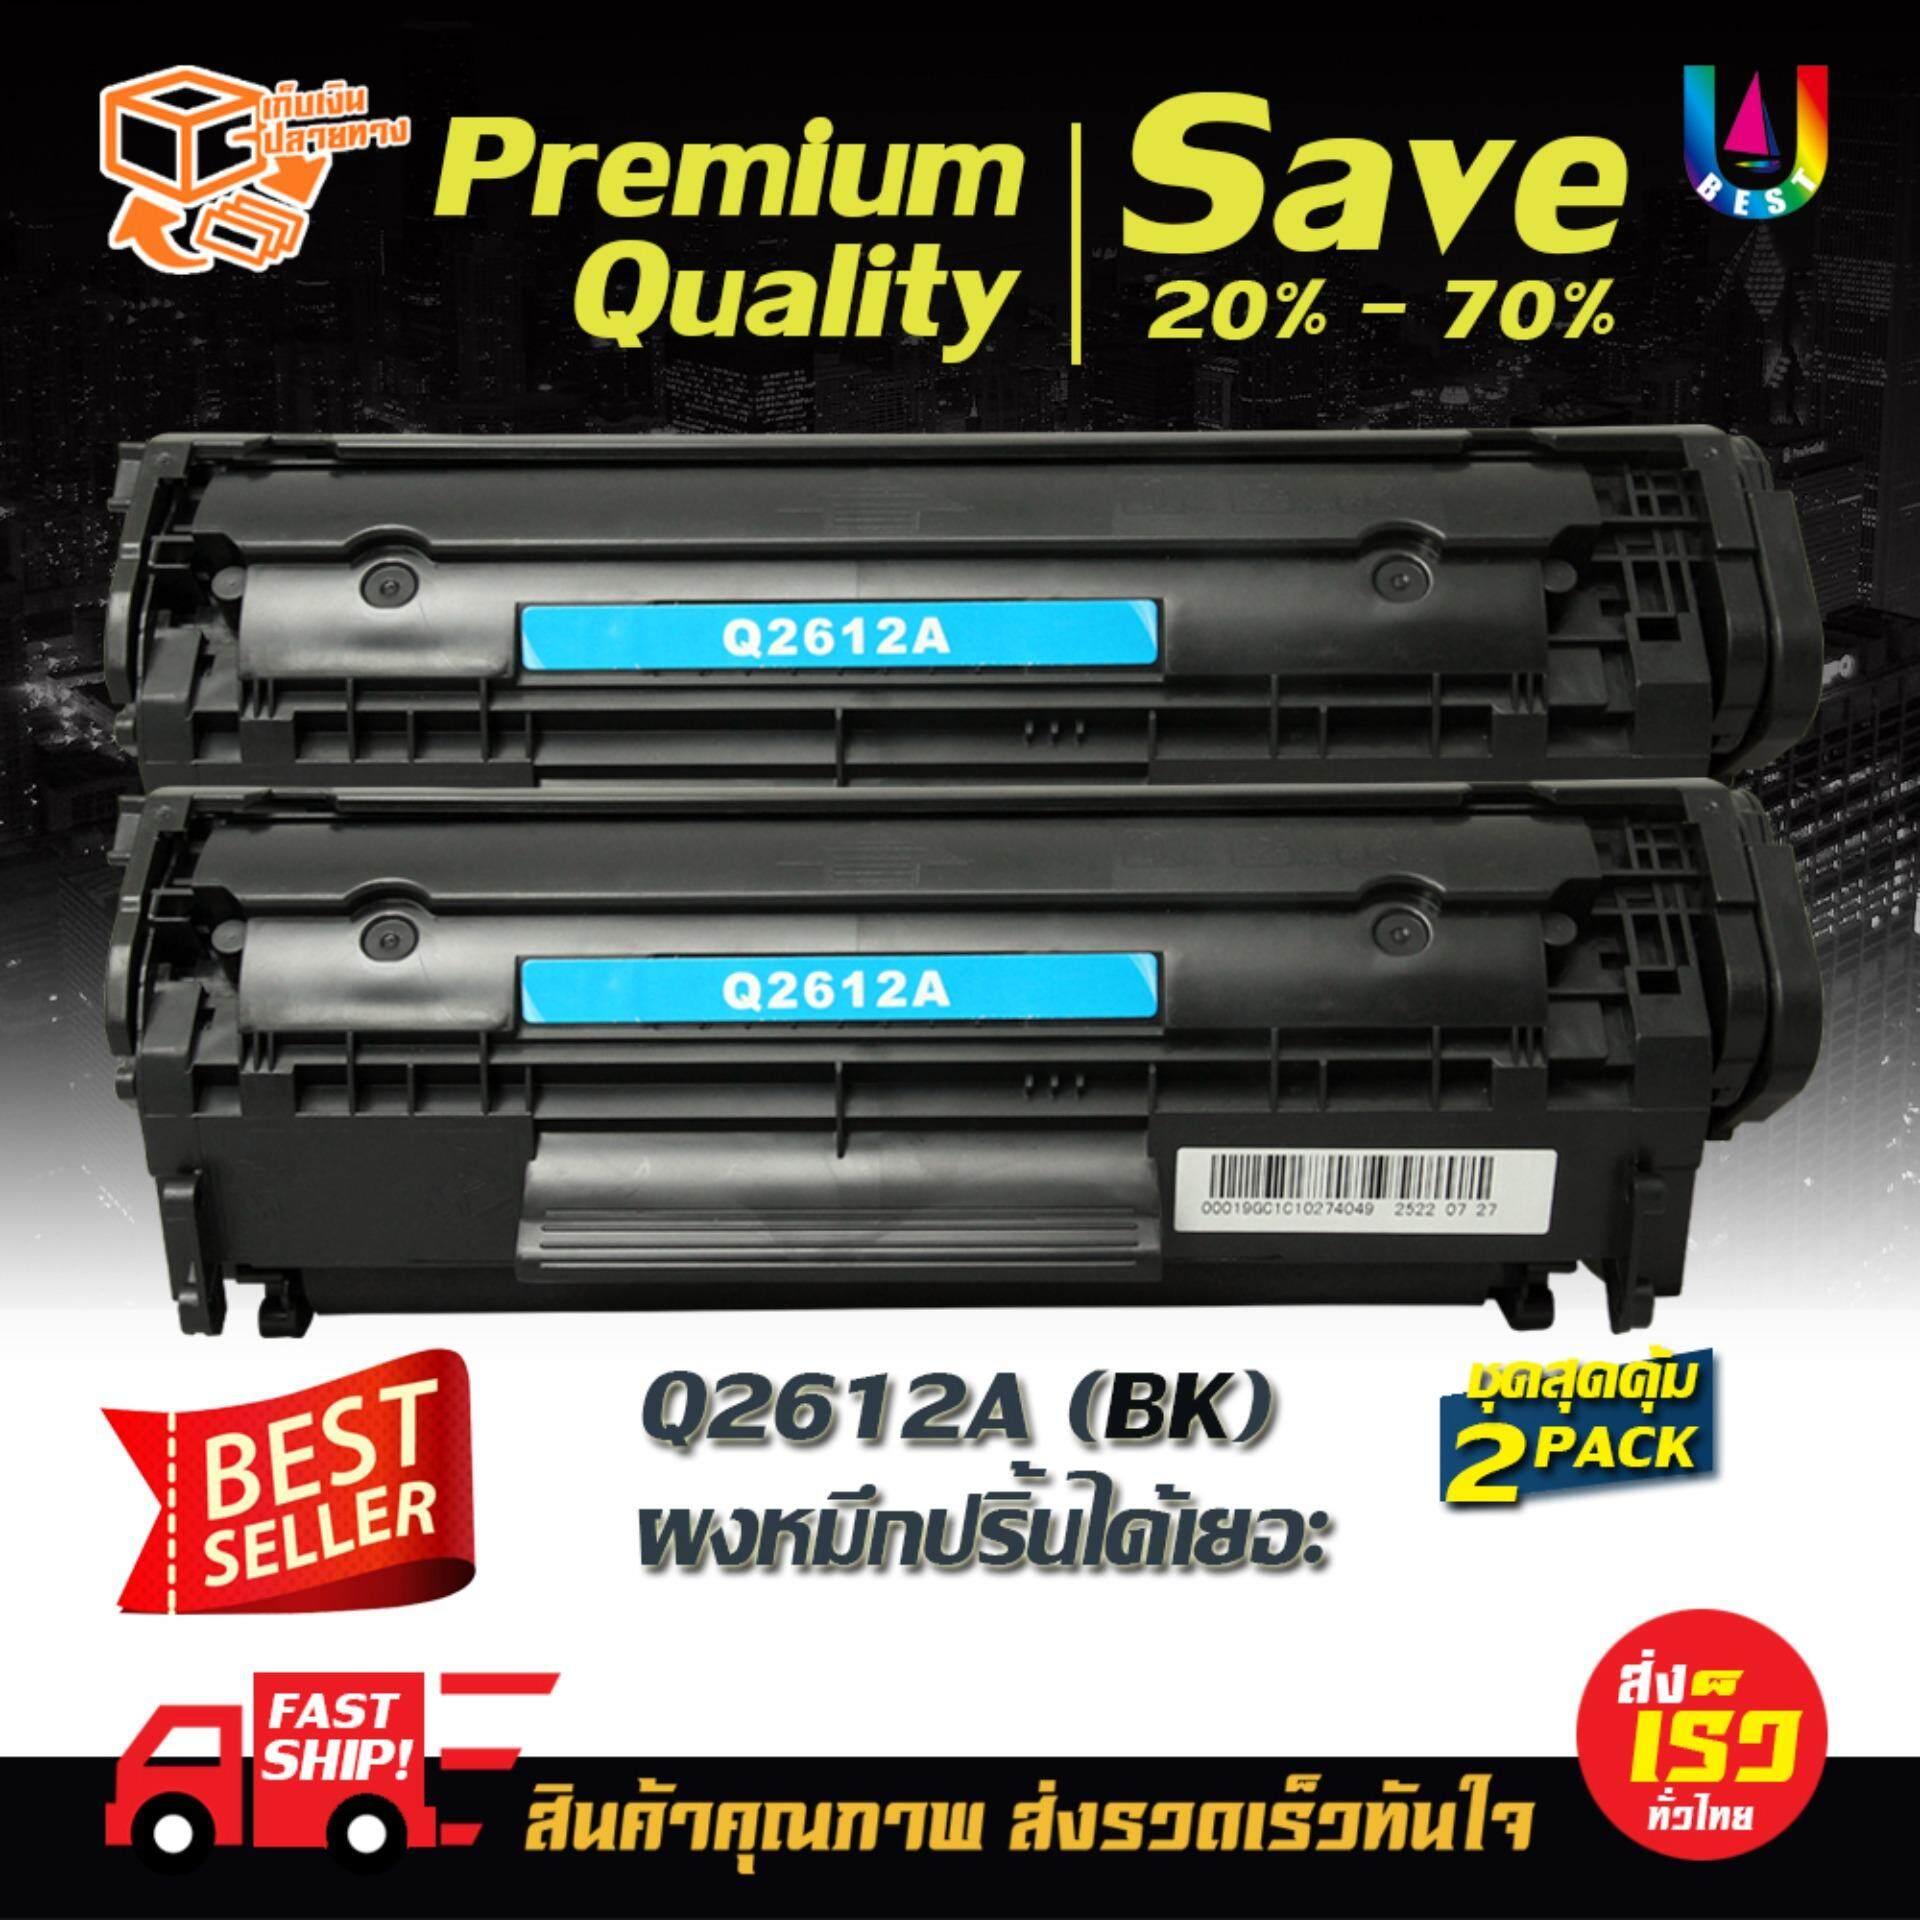 ขาย Hp Q2612A 2612A 12A Pack 2 For Compatible Laser Toner Cartridge Best 4 U ออนไลน์ กรุงเทพมหานคร